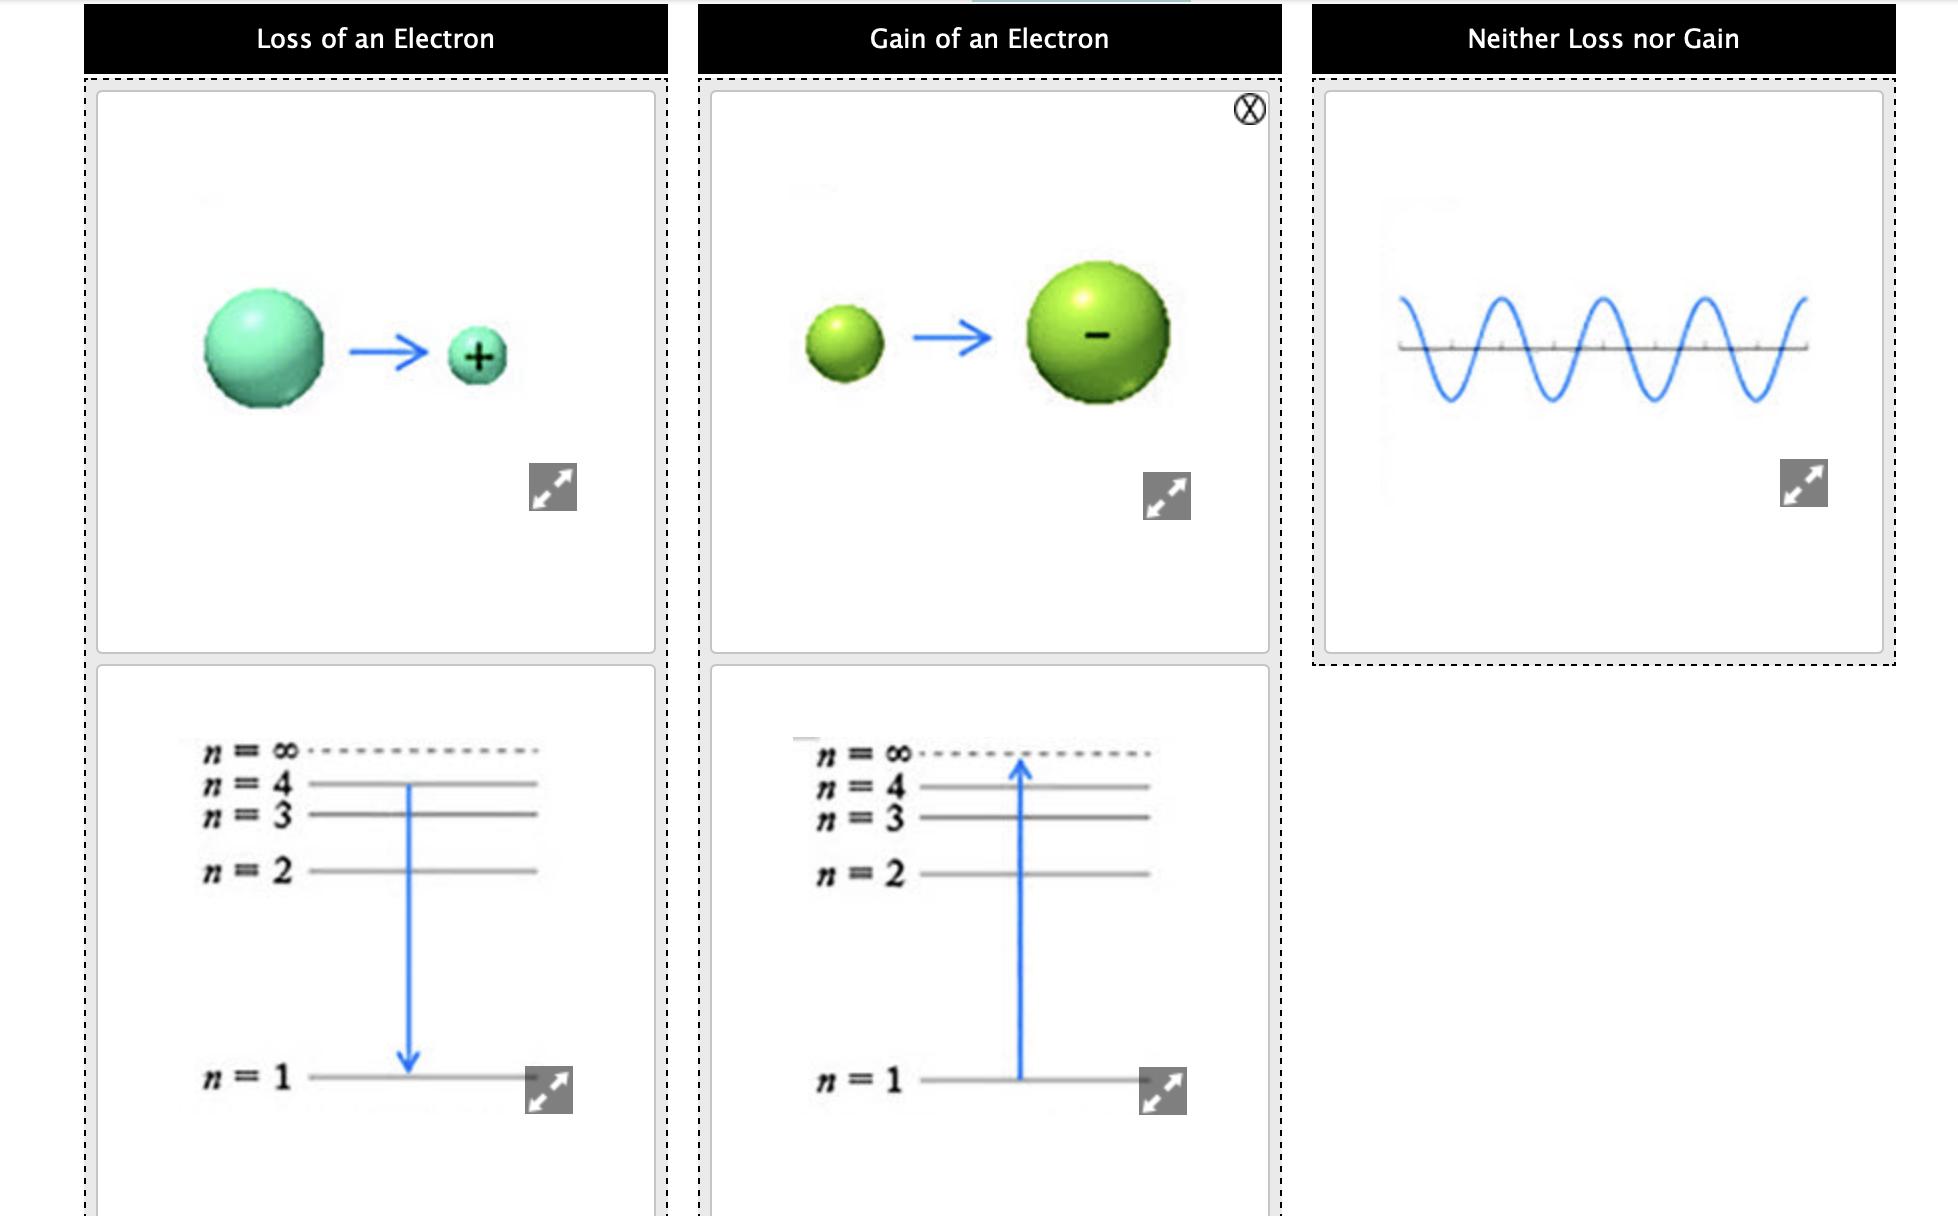 Loss of an Electron Gain of an Electron Neither Loss nor Gain VAAA + n= 4 n 3 n 4 n 3 n 2 n 2 n1 n 1